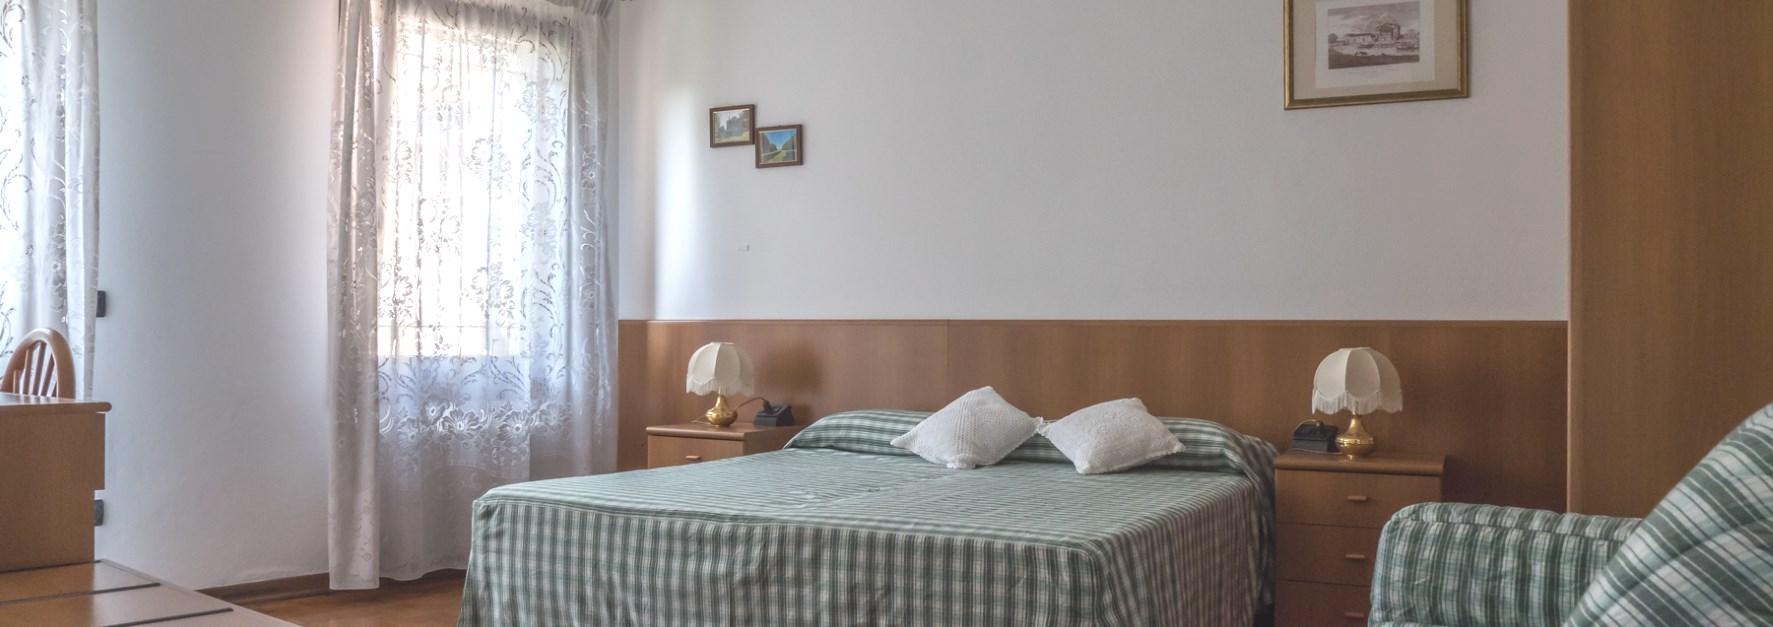 Appartamento Riviera del Brenta